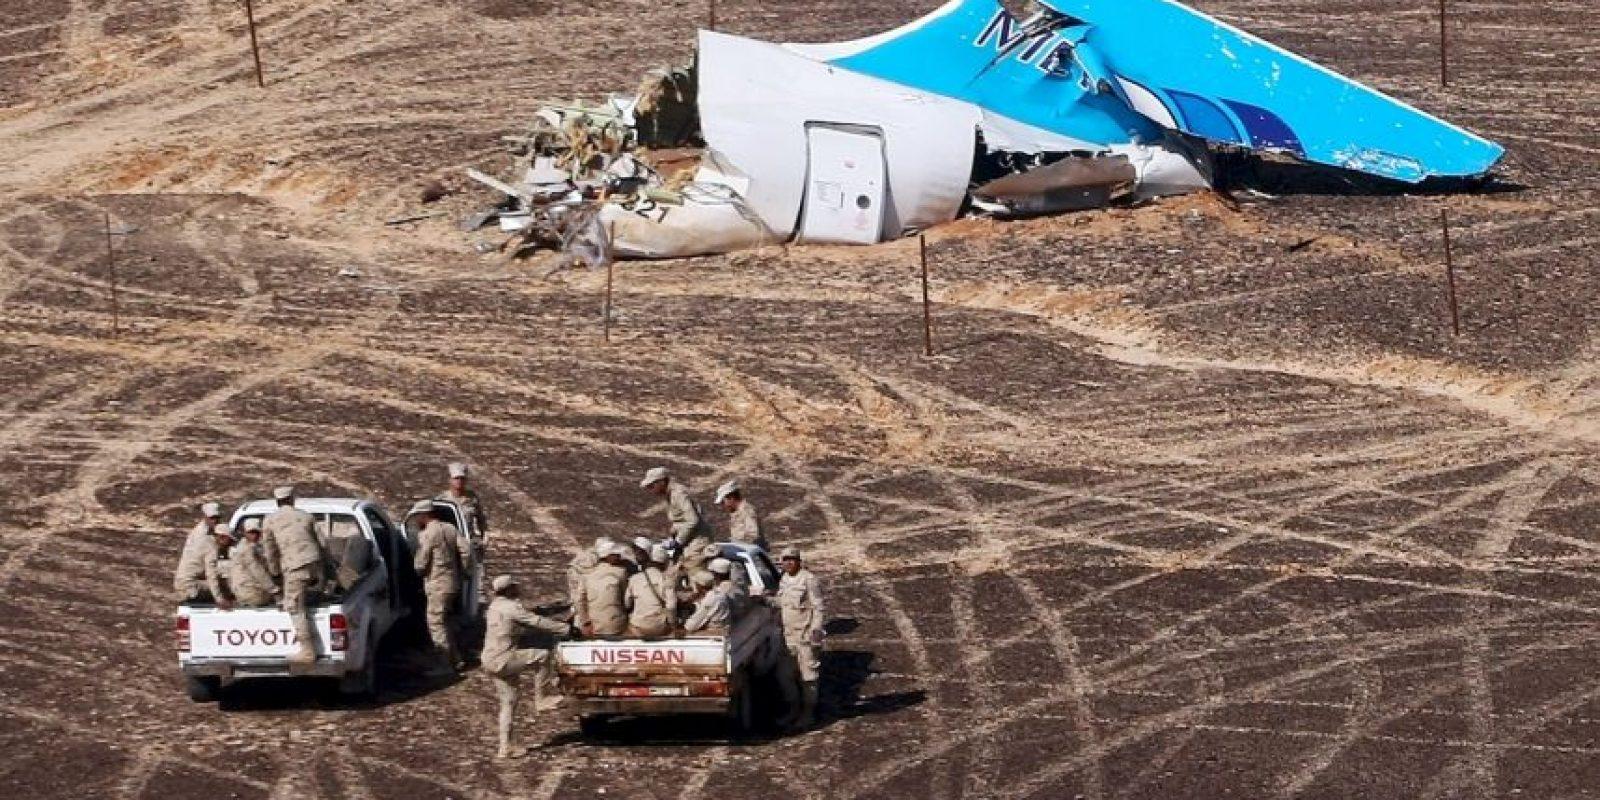 Costó la vida a 224 personas sobre la península del Sinaí, Egipto. Foto:AFP